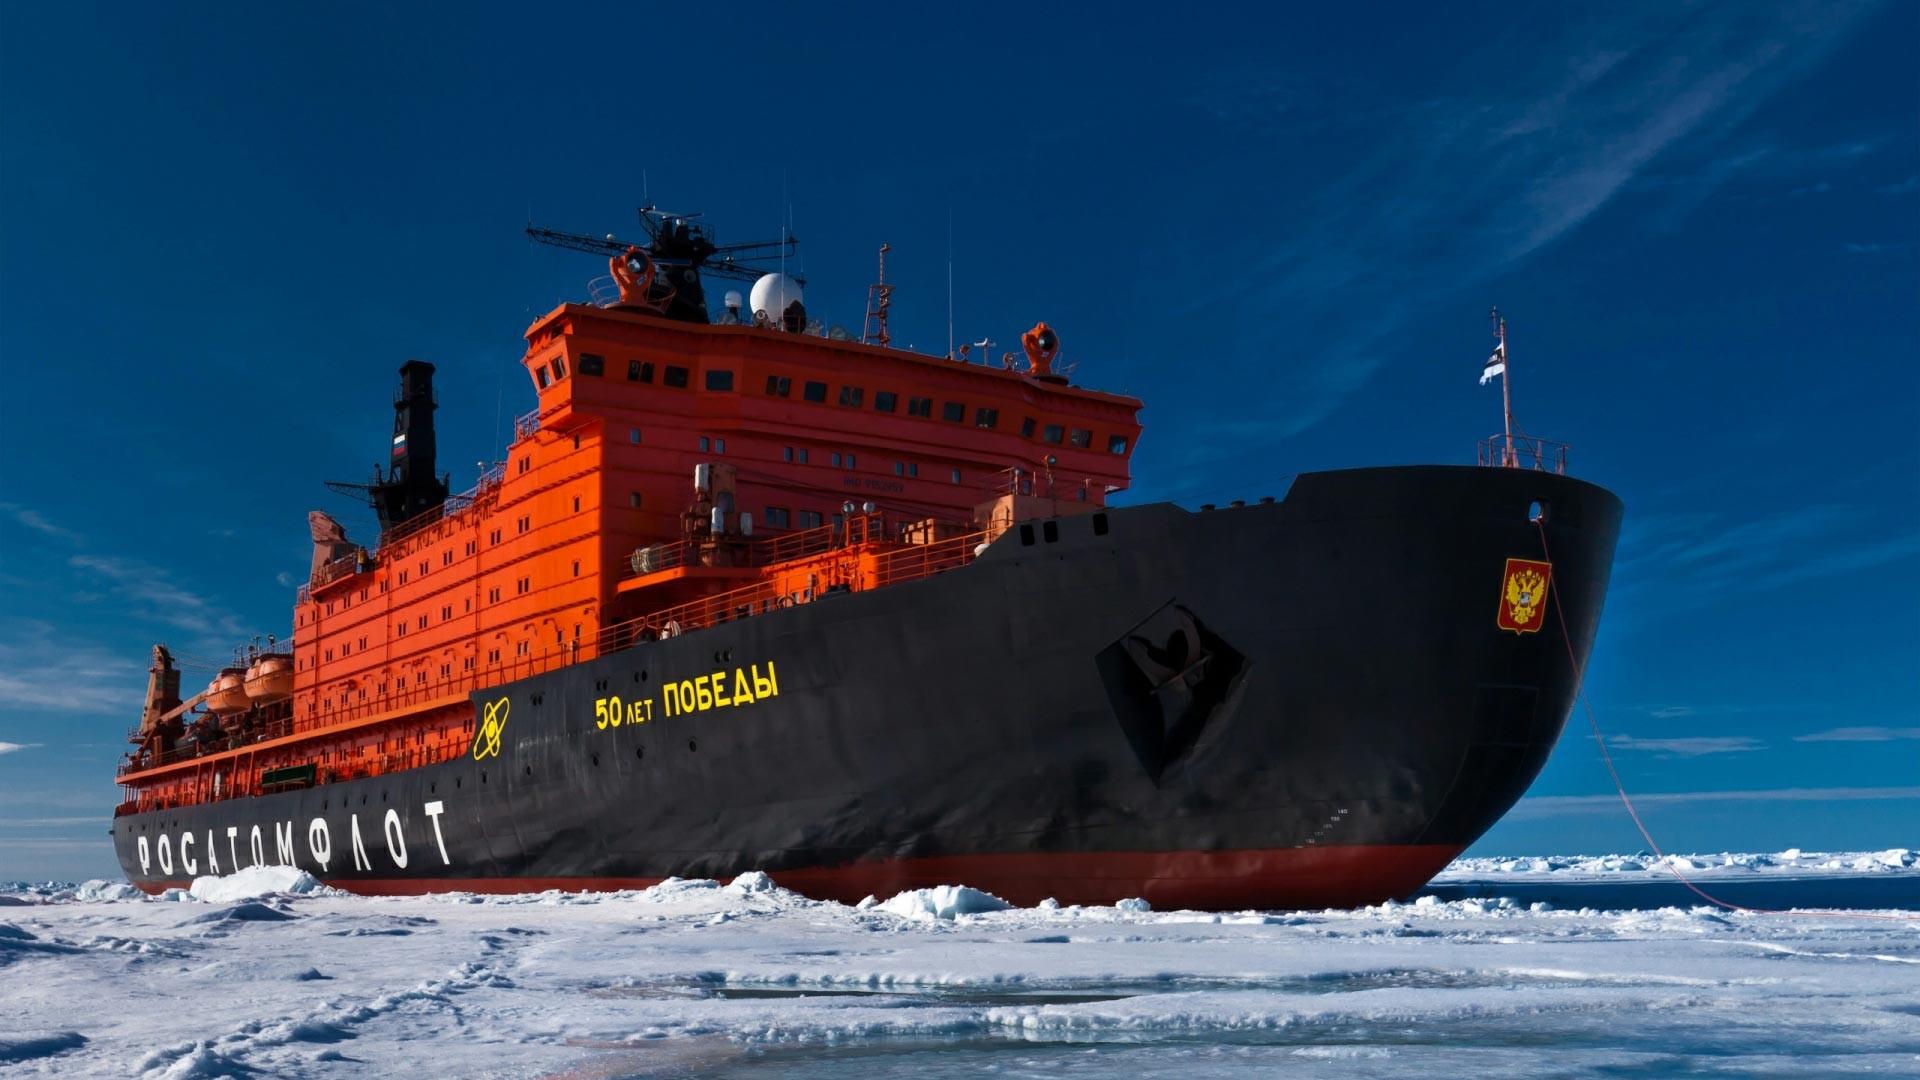 Ruski nuklearni ledolomac